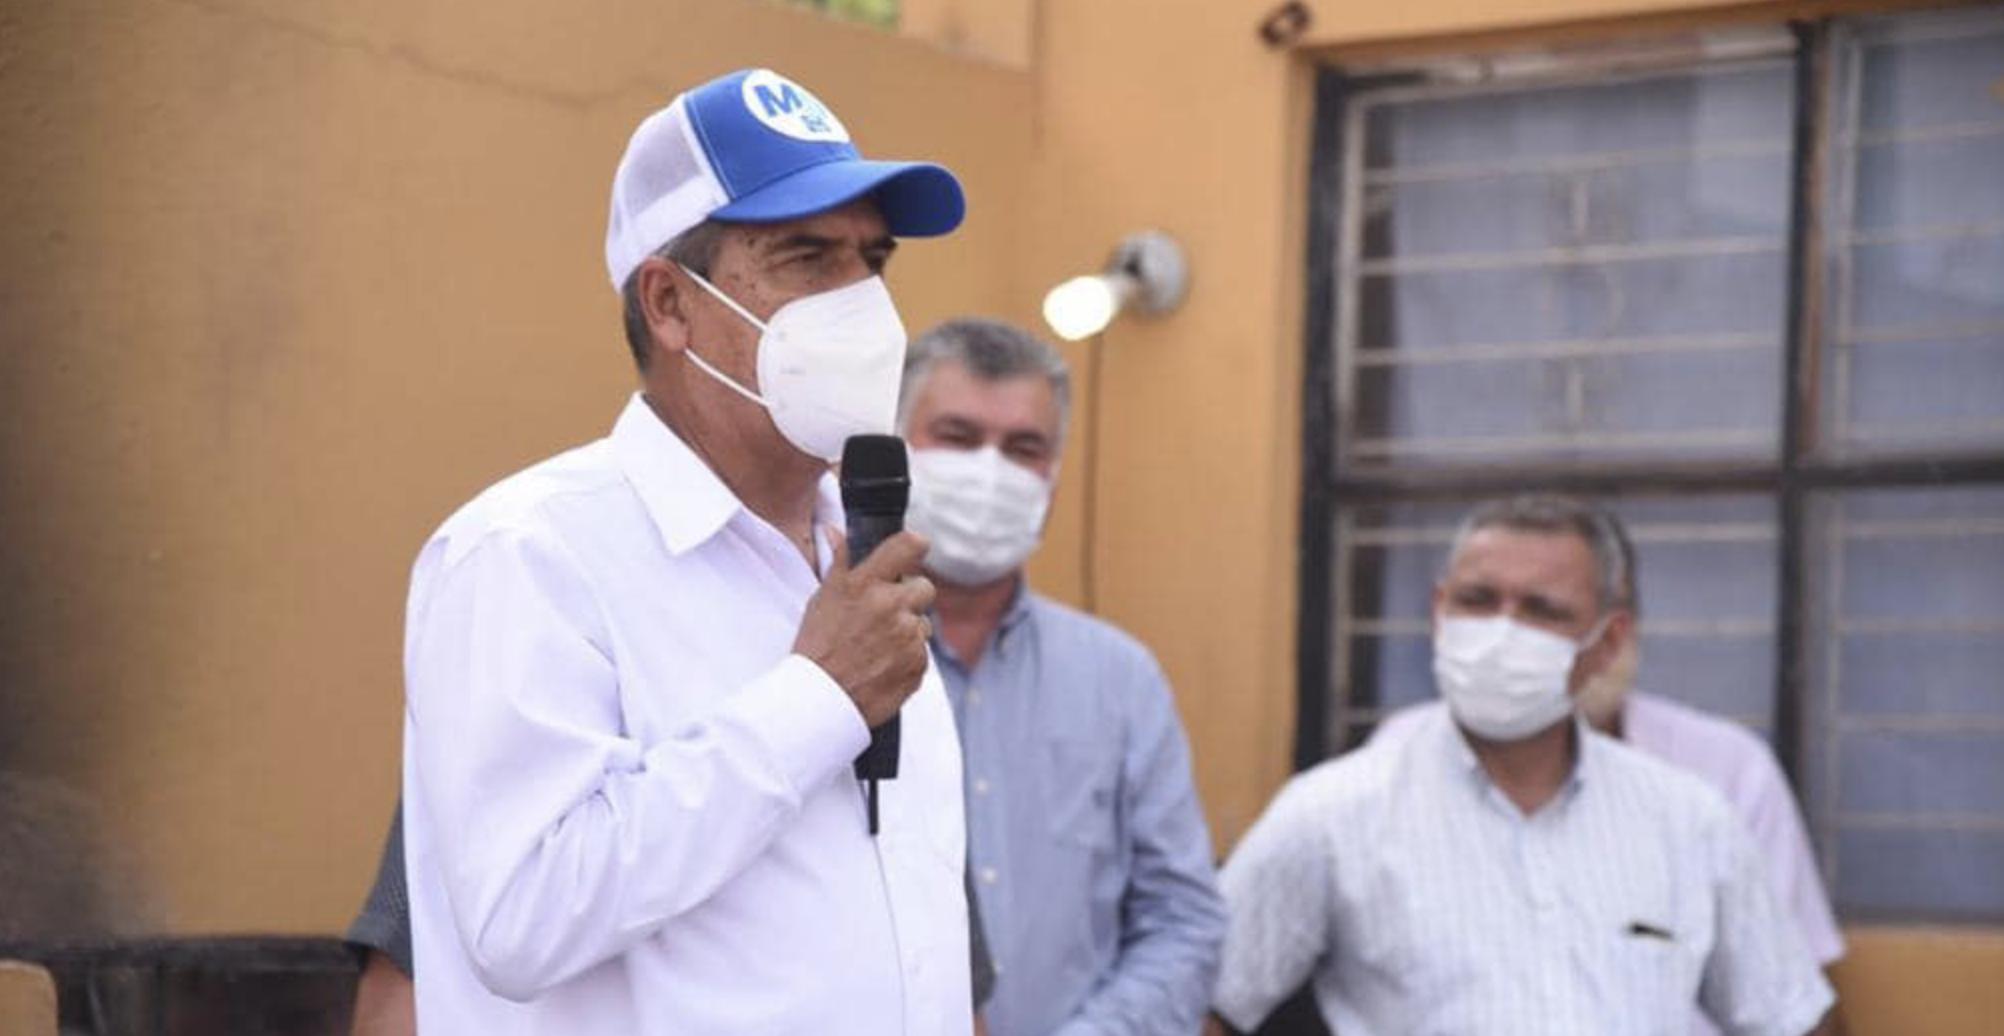 MARIO DAVILA INCLUYE VACUNAR CONTRA EL COVID A PERSONAL MEDICO DE PRIMERA LINEA DE CLINICAS PARTICULARES